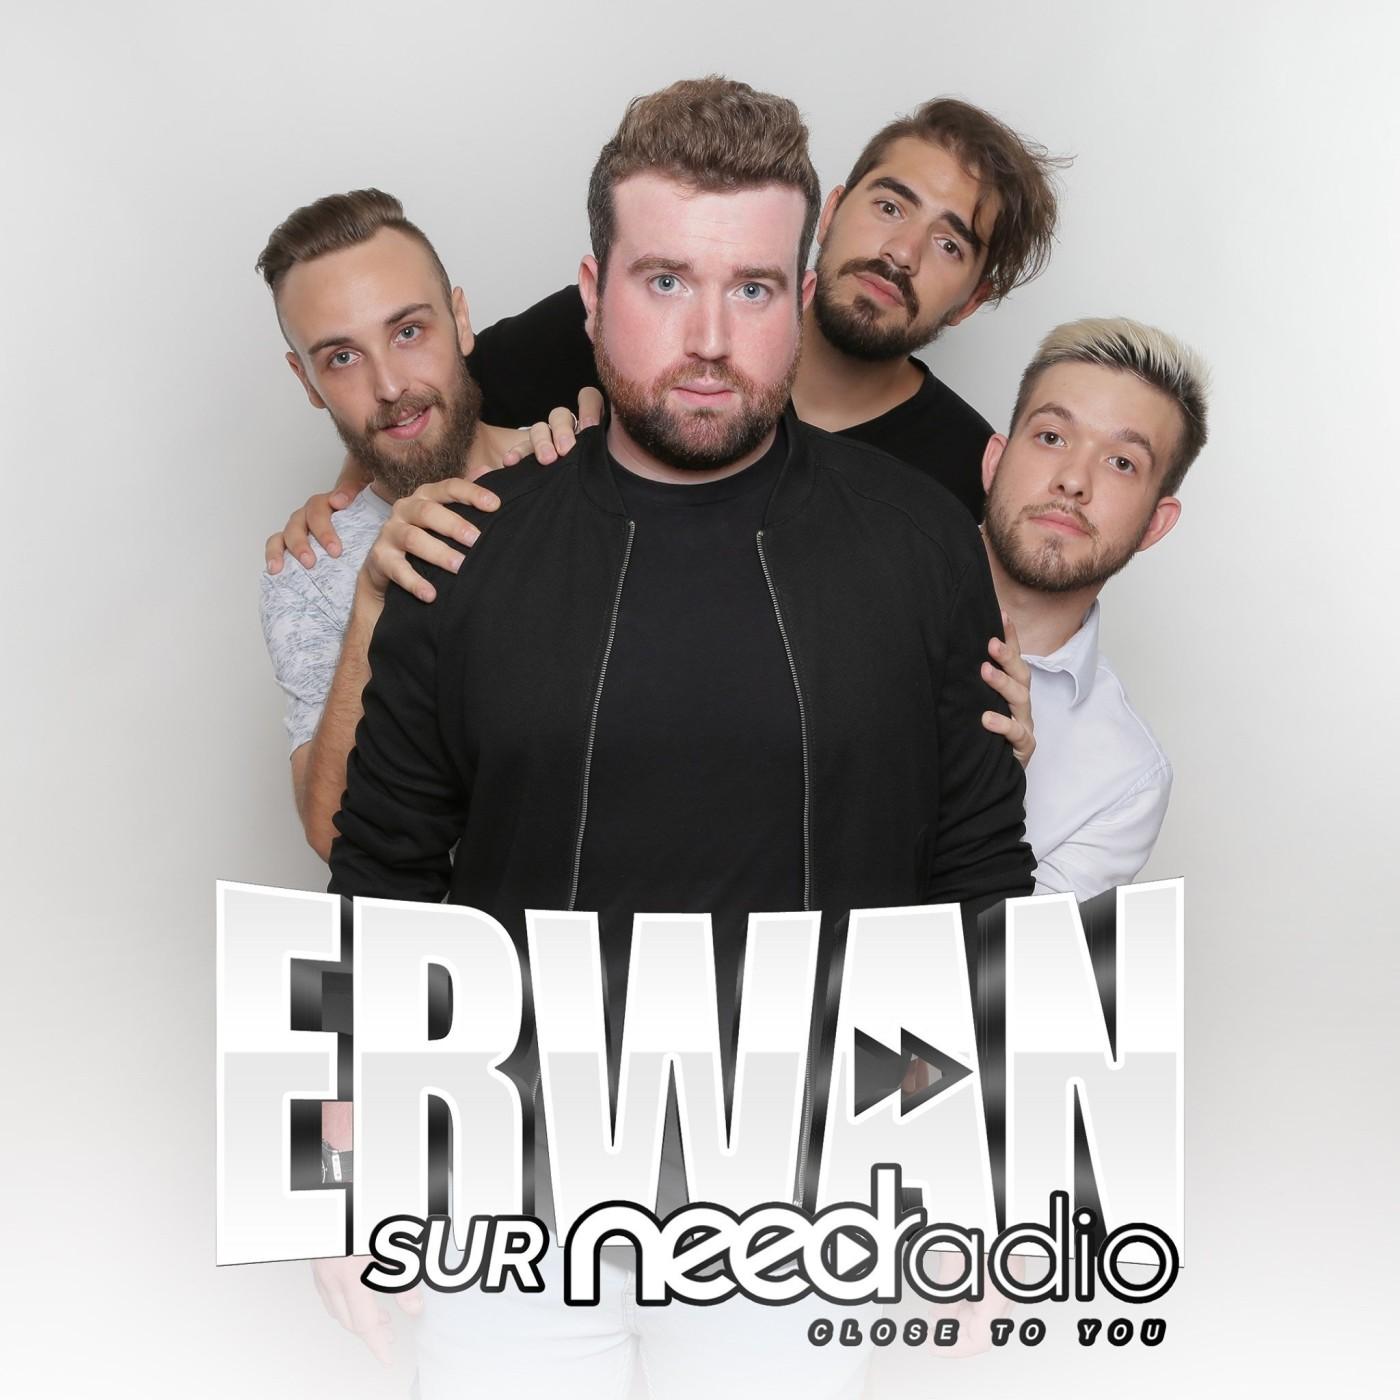 Erwan sur NEED Radio S2 #5 (03/11/19)